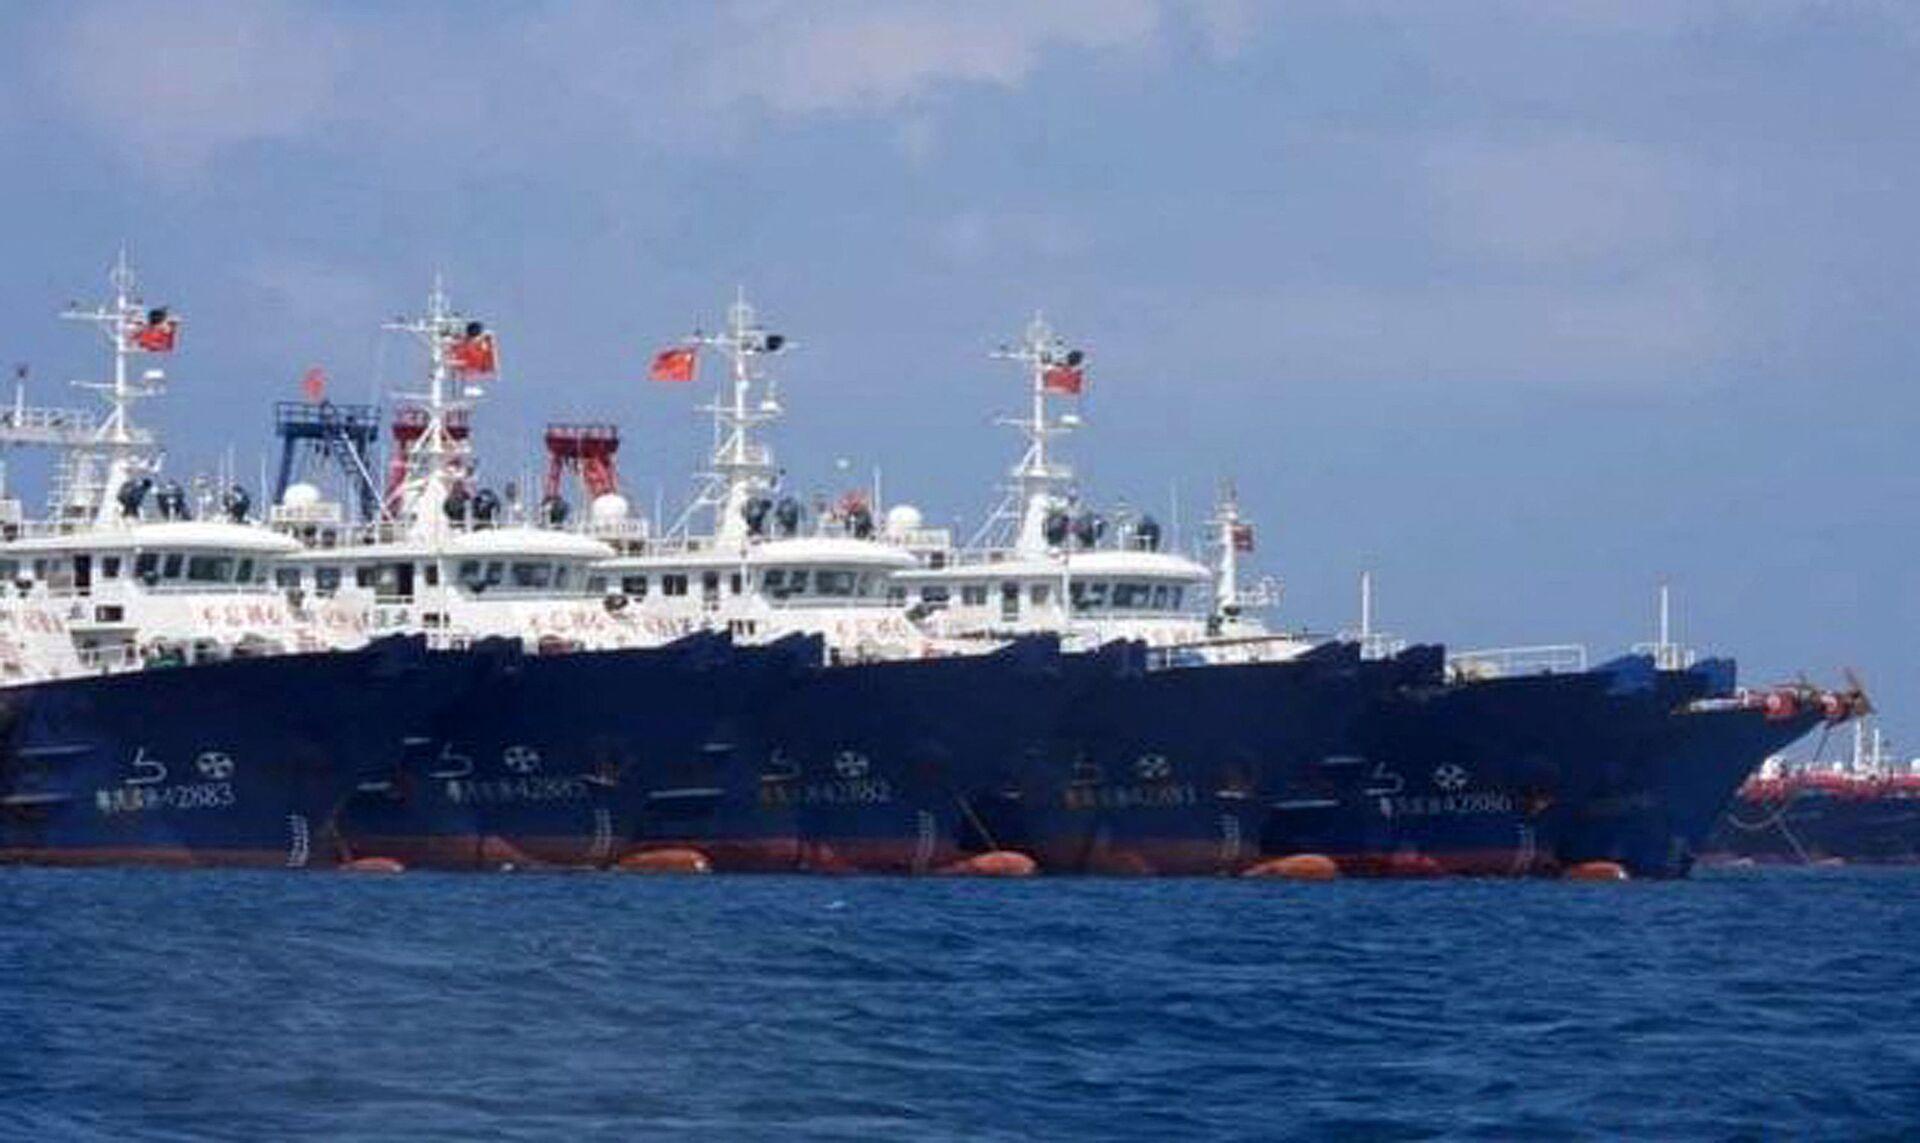 Bộ Ngoại giao Việt Nam: Các tàu Trung Quốc đã xâm phạm chủ quyền của Việt Nam - Sputnik Việt Nam, 1920, 25.03.2021